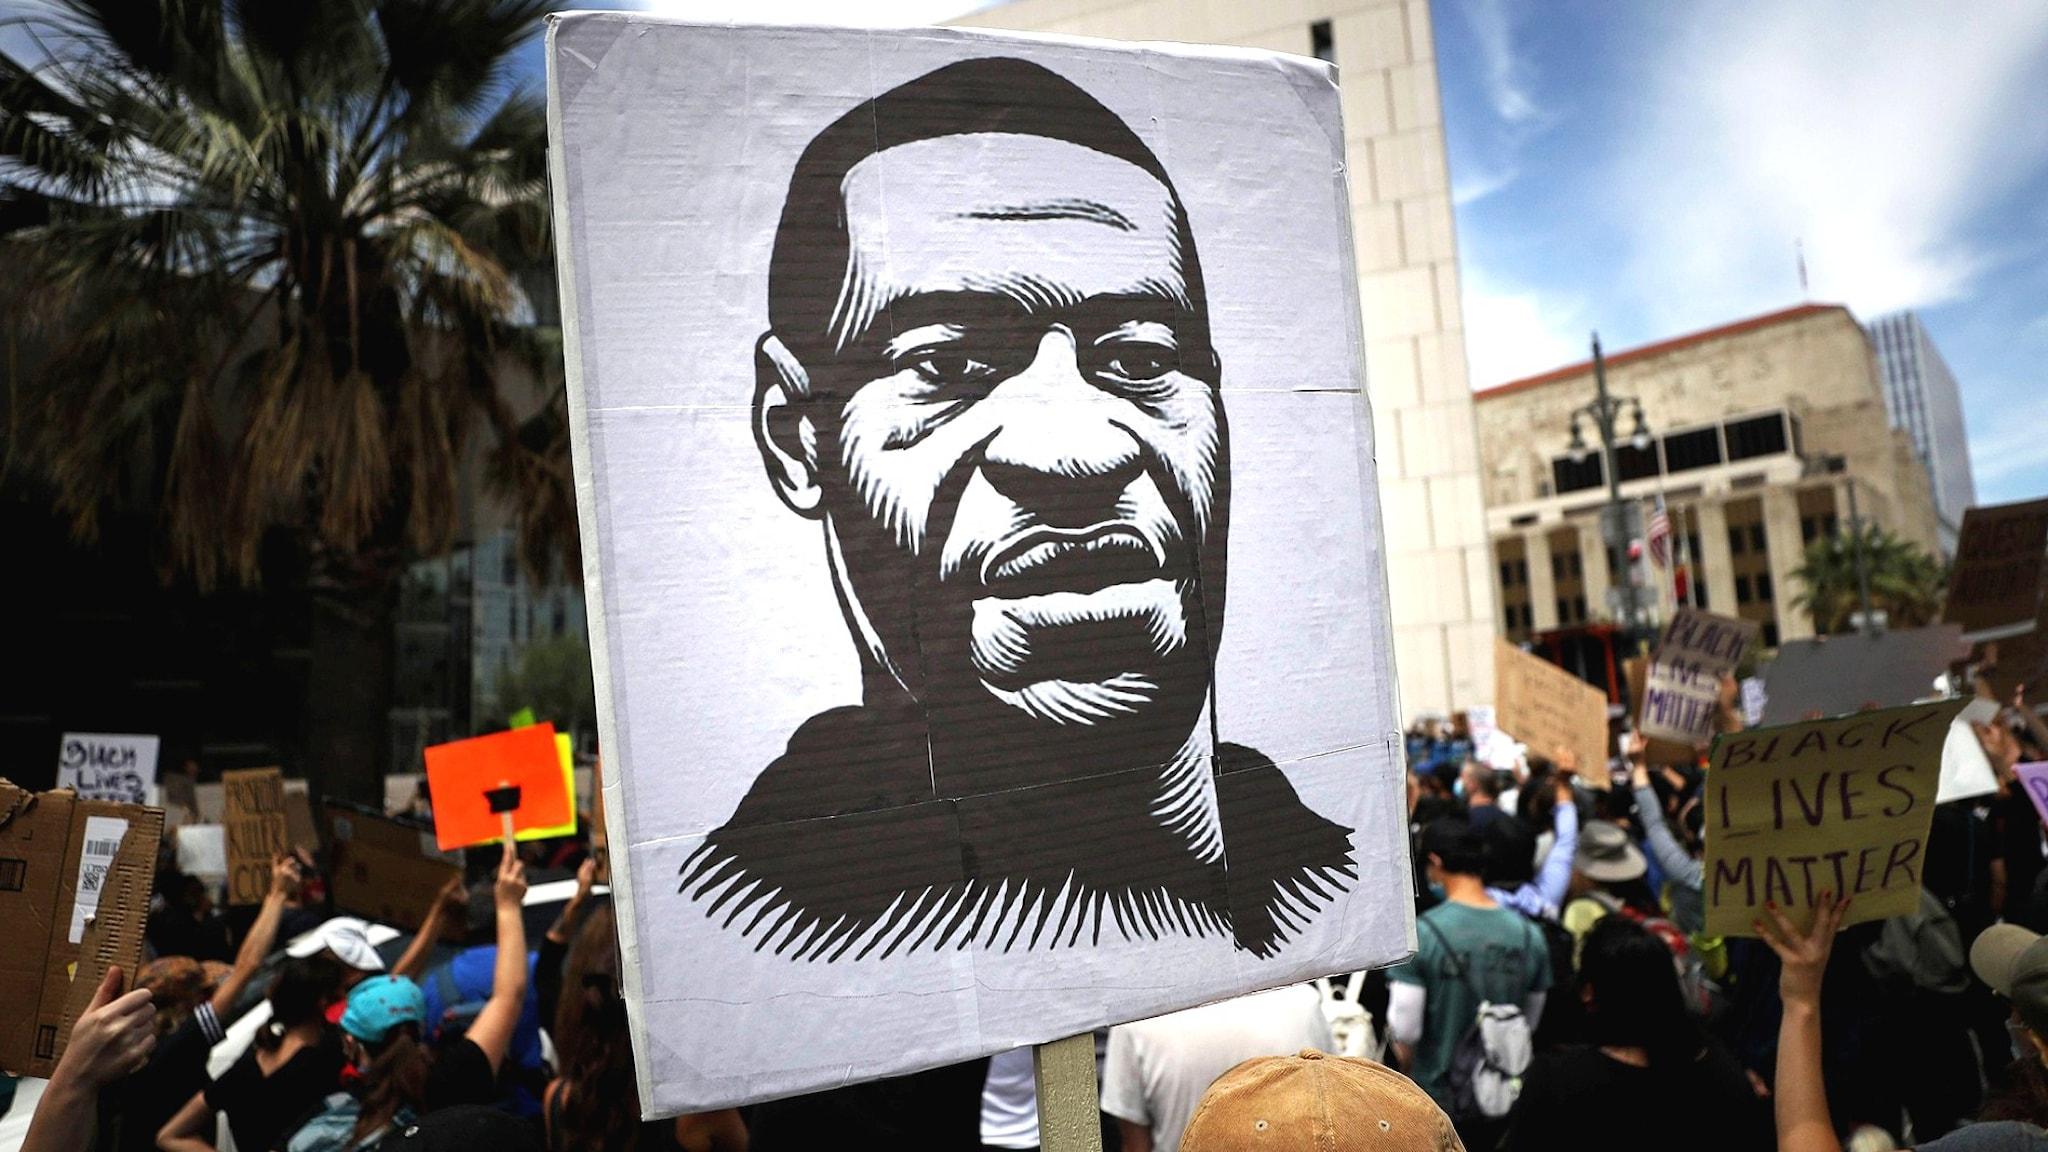 Ett plakat med en målning av George Floyd som dödades av en polis.